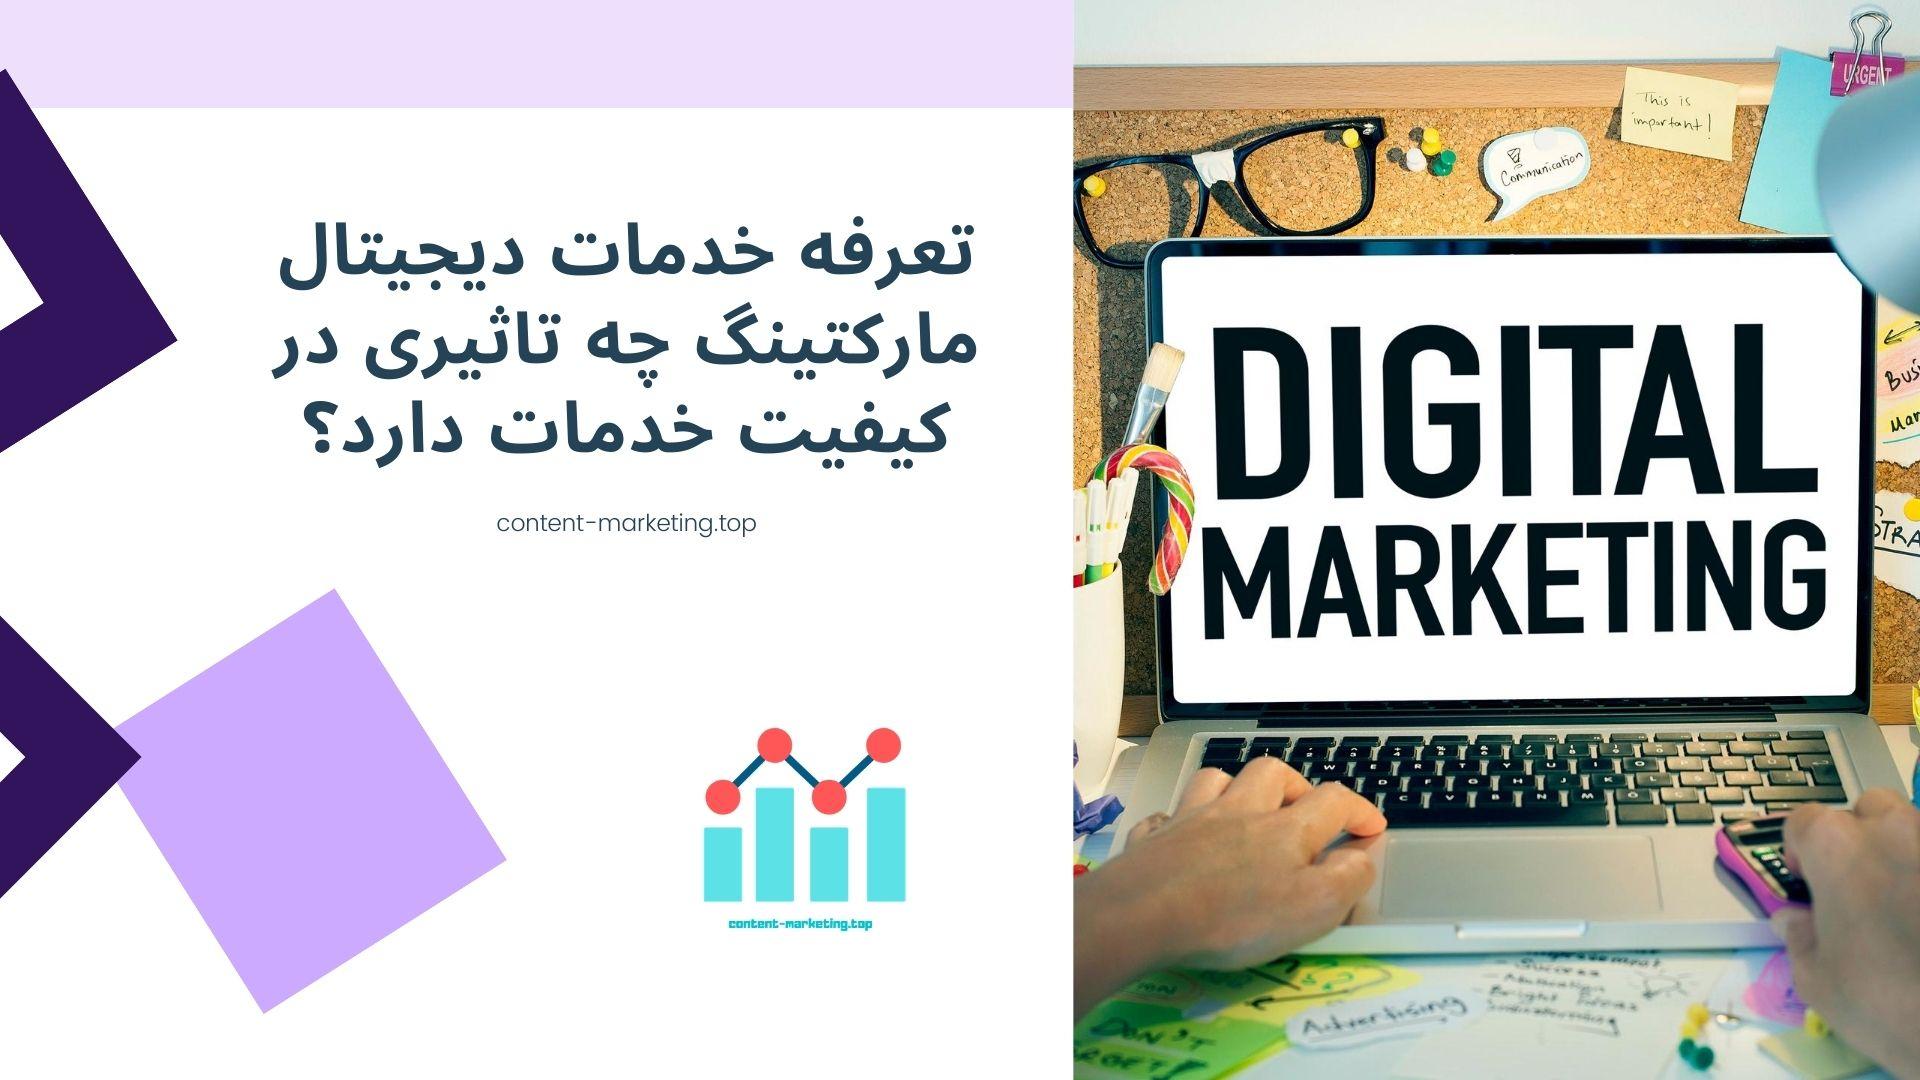 تعرفه خدمات دیجیتال مارکتینگ چه تاثیری در کیفیت خدمات دارد؟